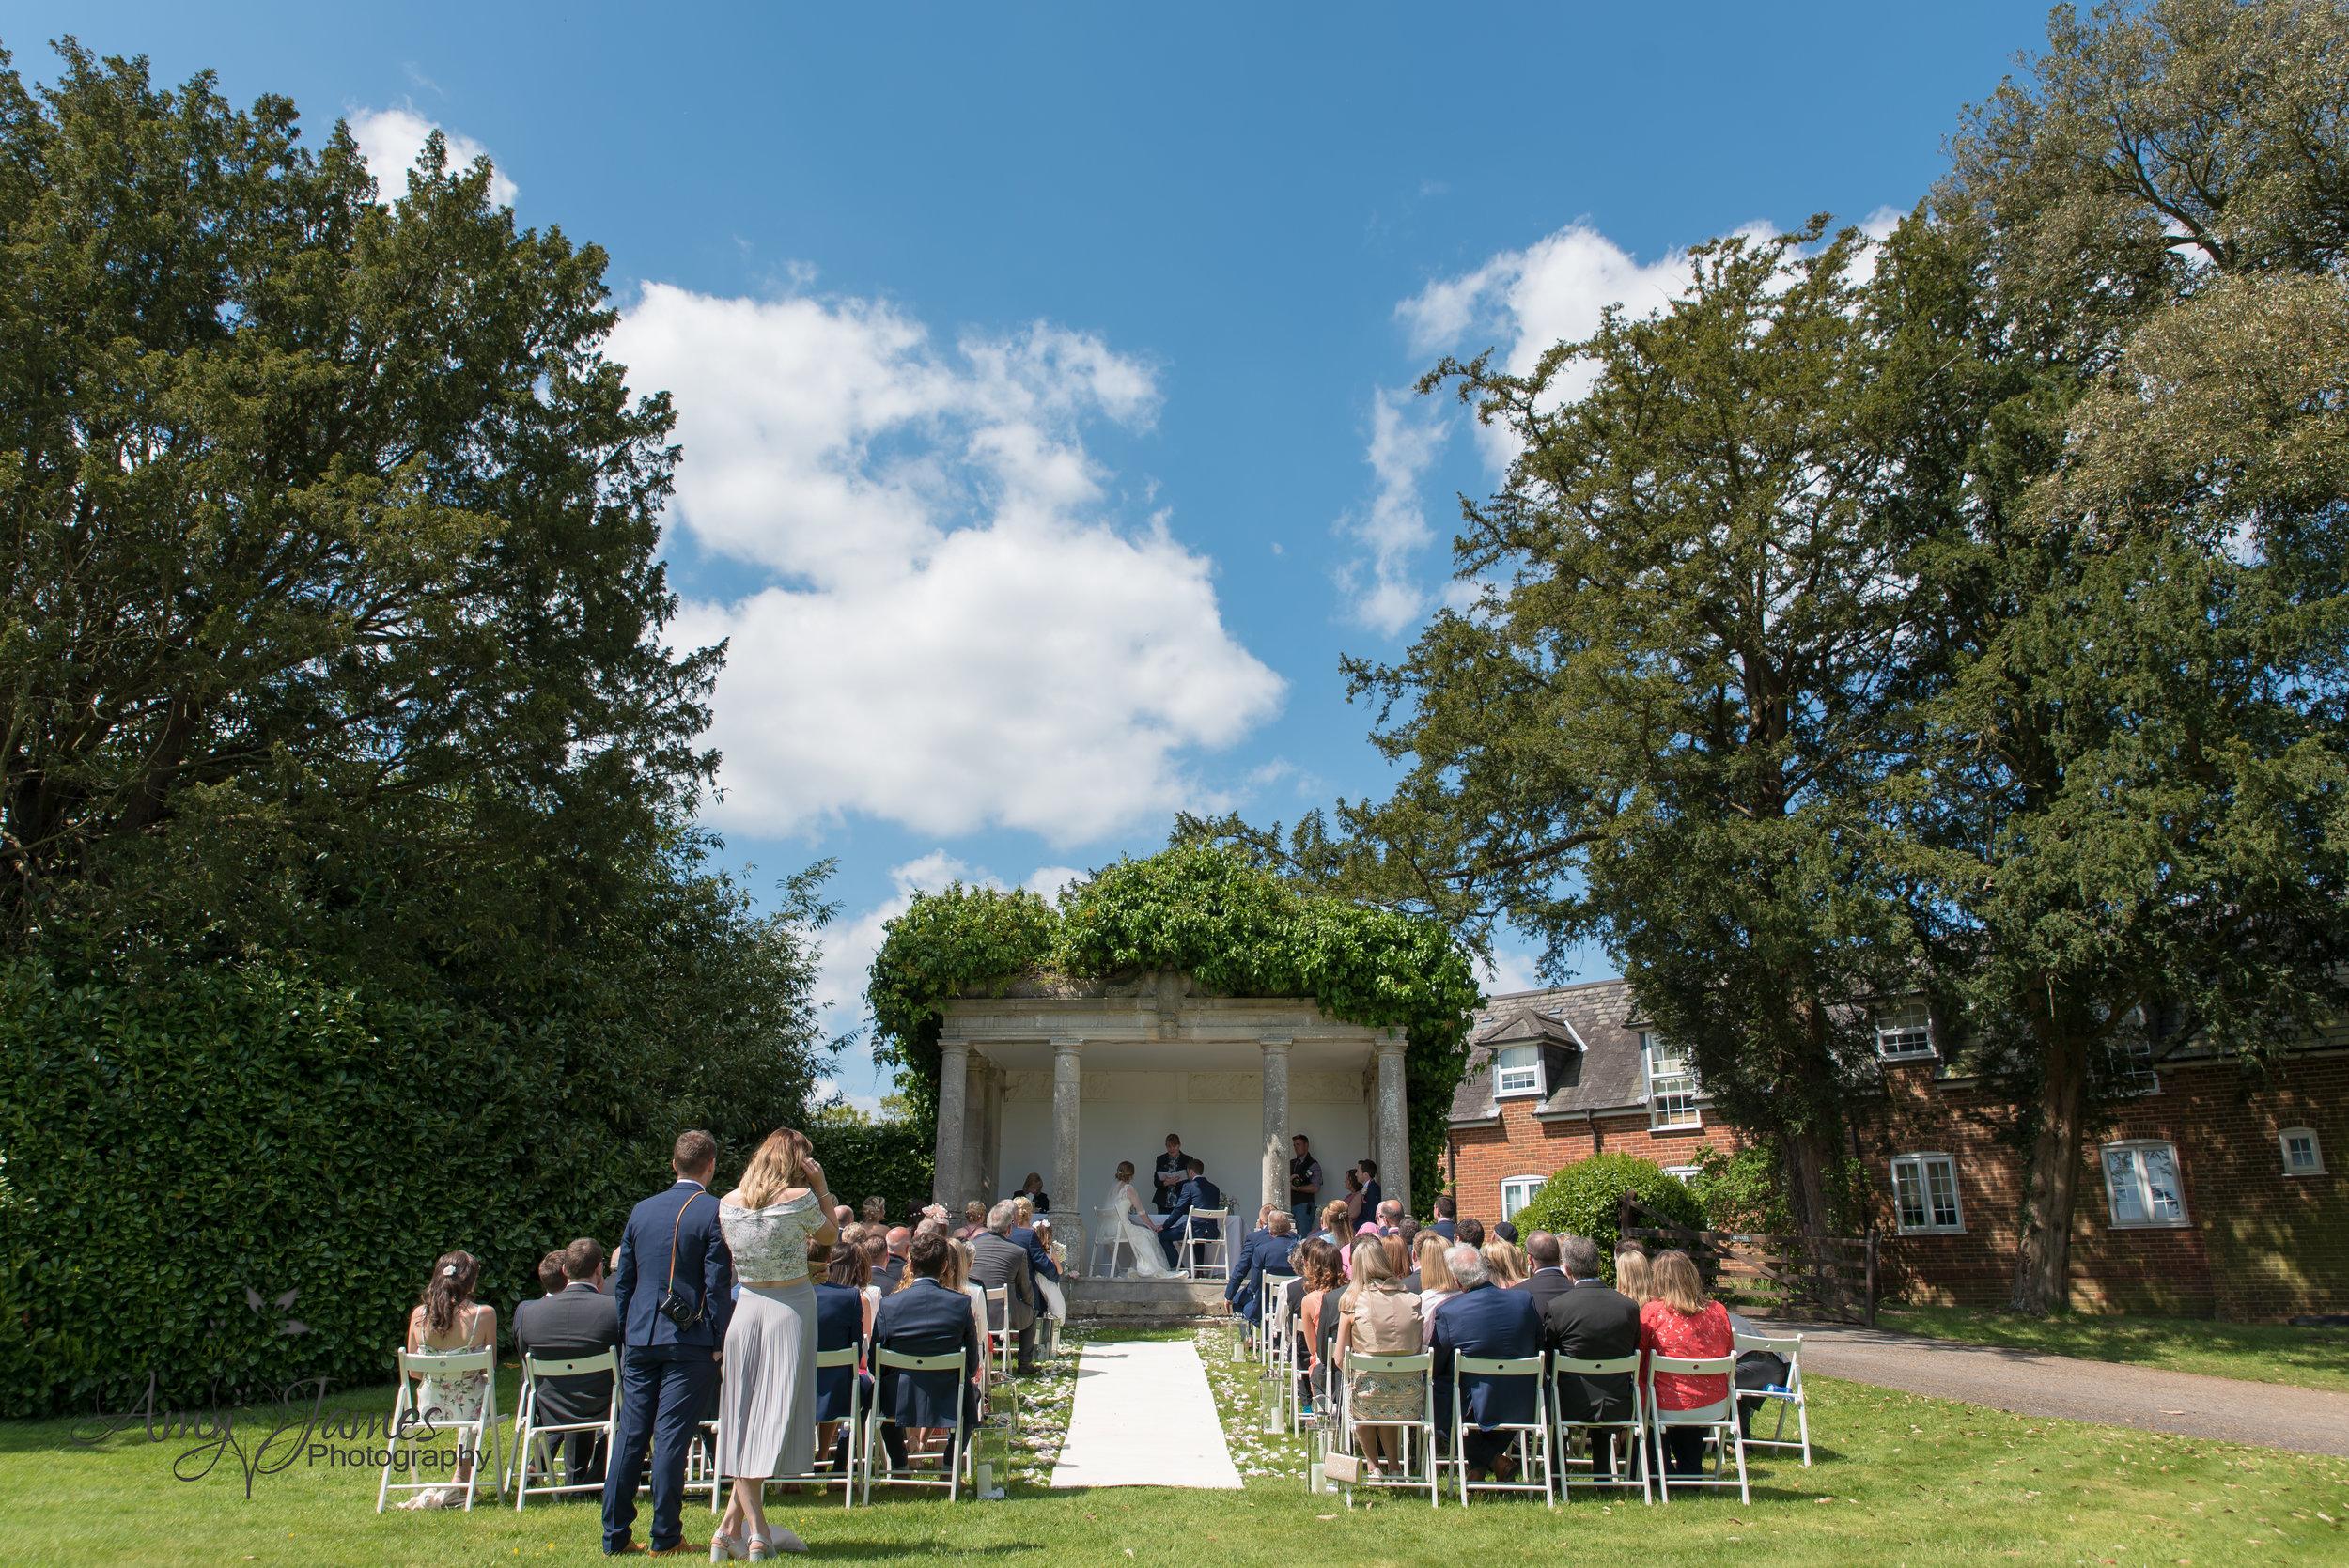 Hampshire wedding photographer | Fleet wedding photographer | Highfield Park Wedding Photograper | Highfield Park Wedding Venue